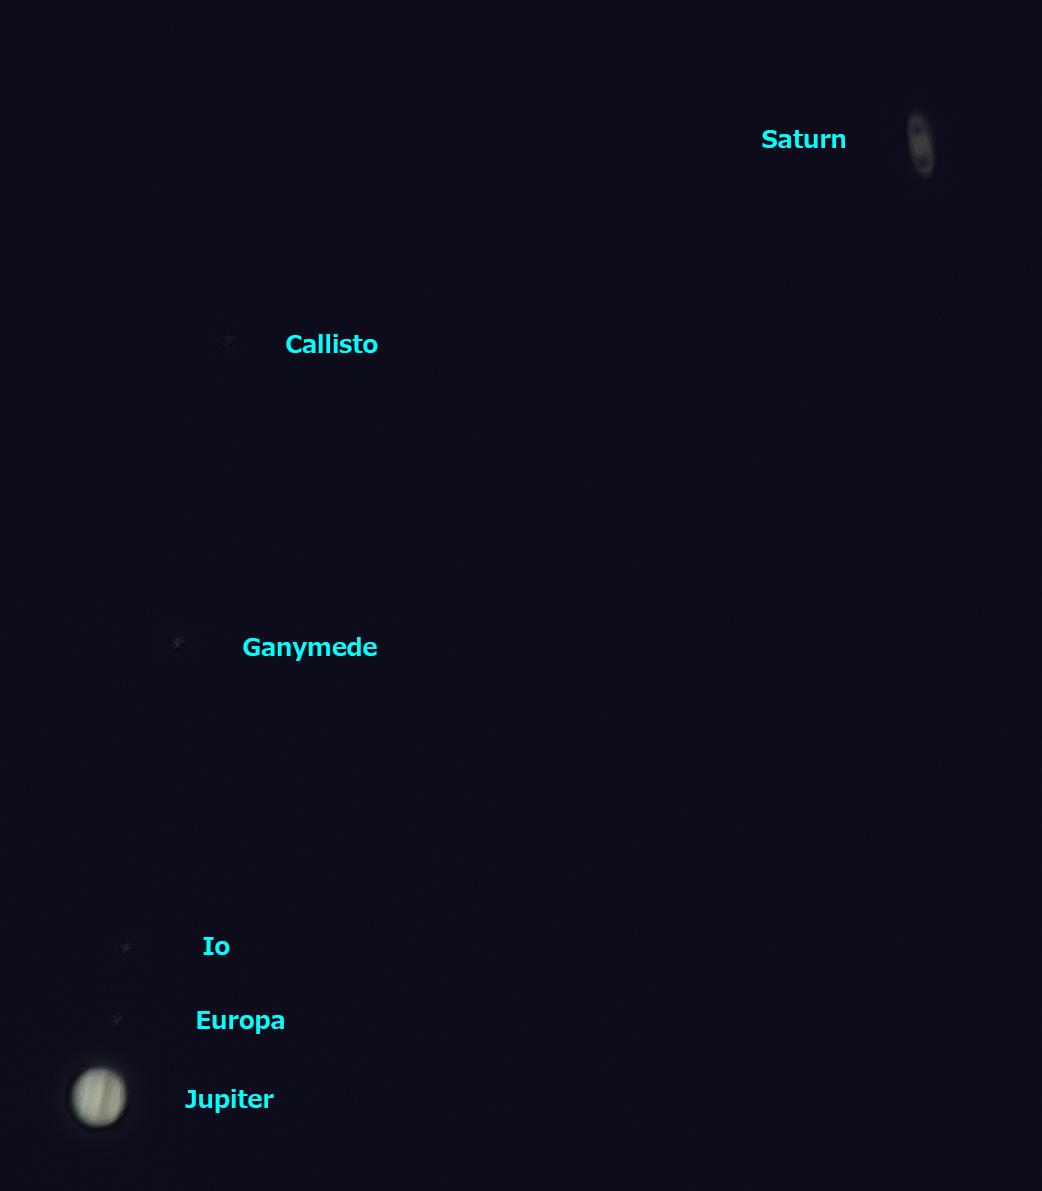 木星と土星の接近 2020/12/20 17:28 (JST)